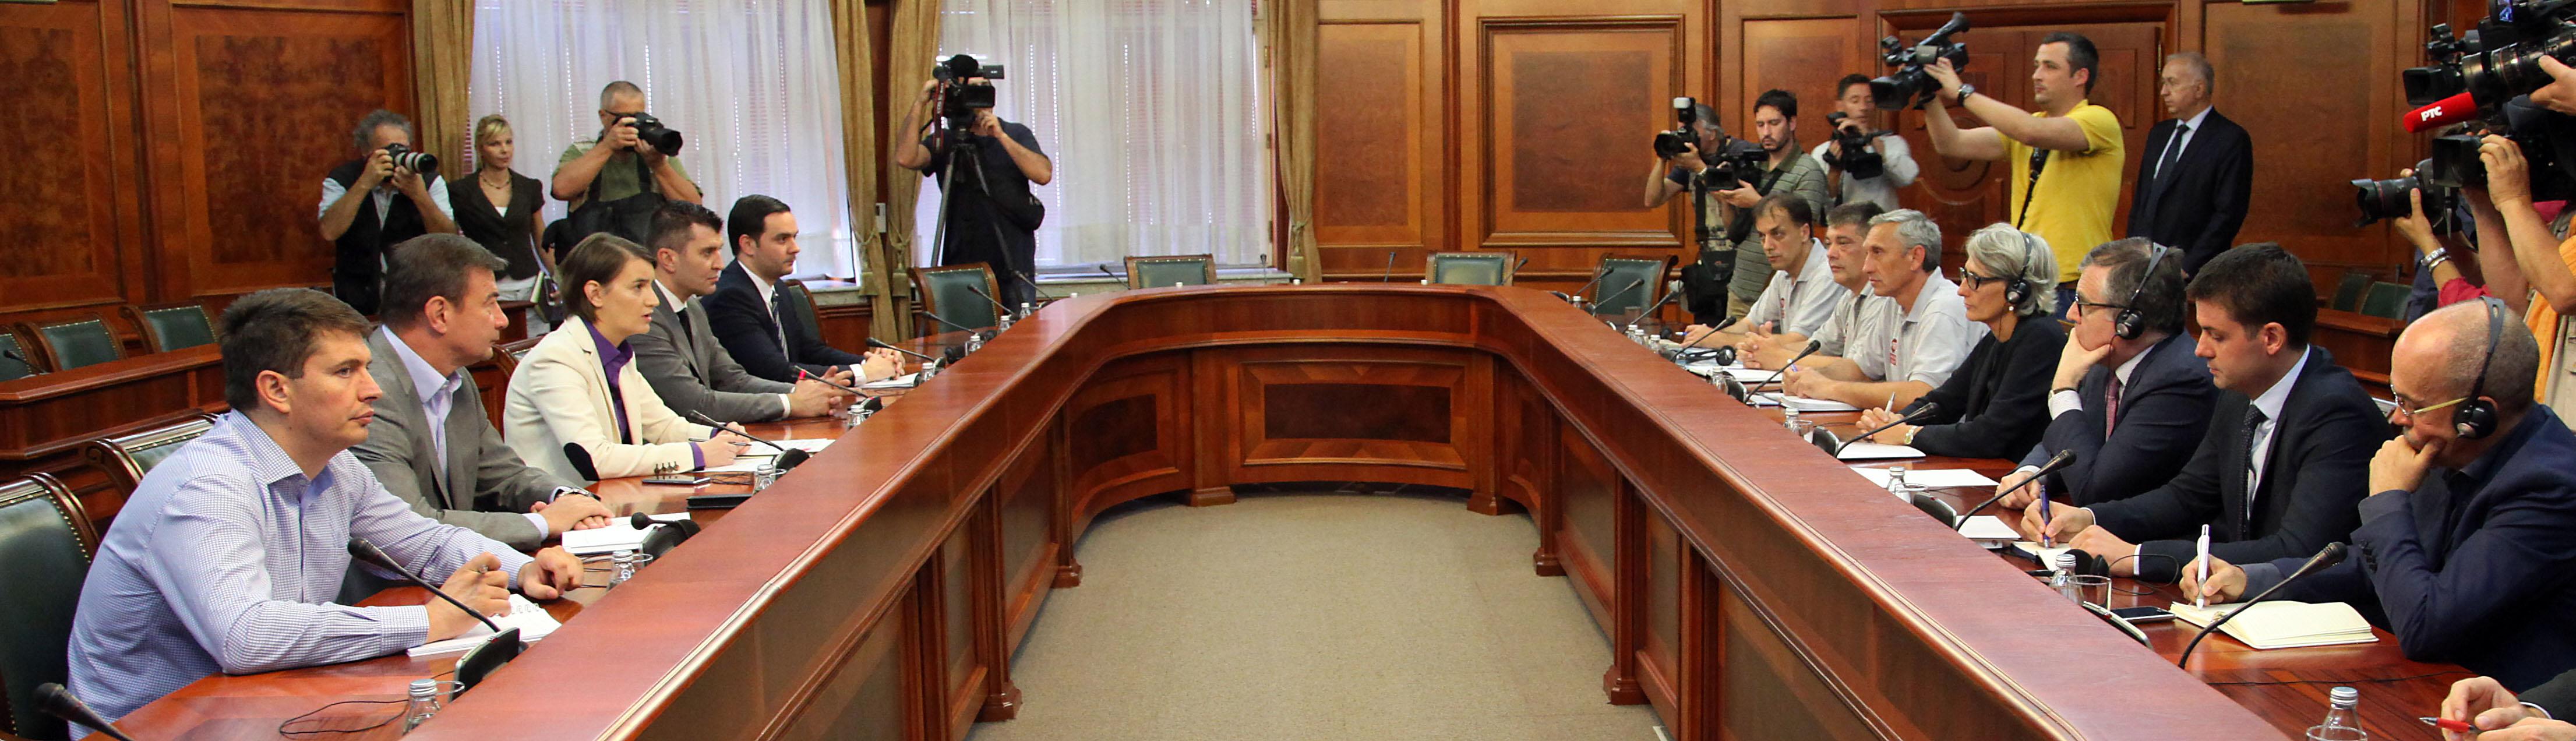 Rukovodstvo Fijata razgovara sa članovima štrajkačkog odbora!